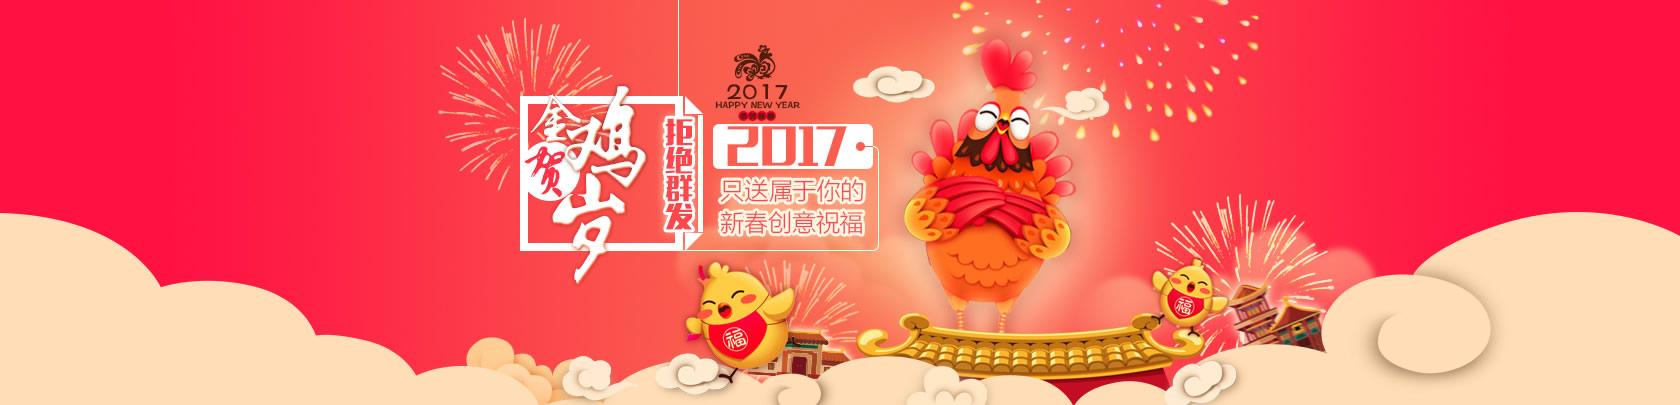 【环球移民】金鸡贺岁,2017新春创意祝福!